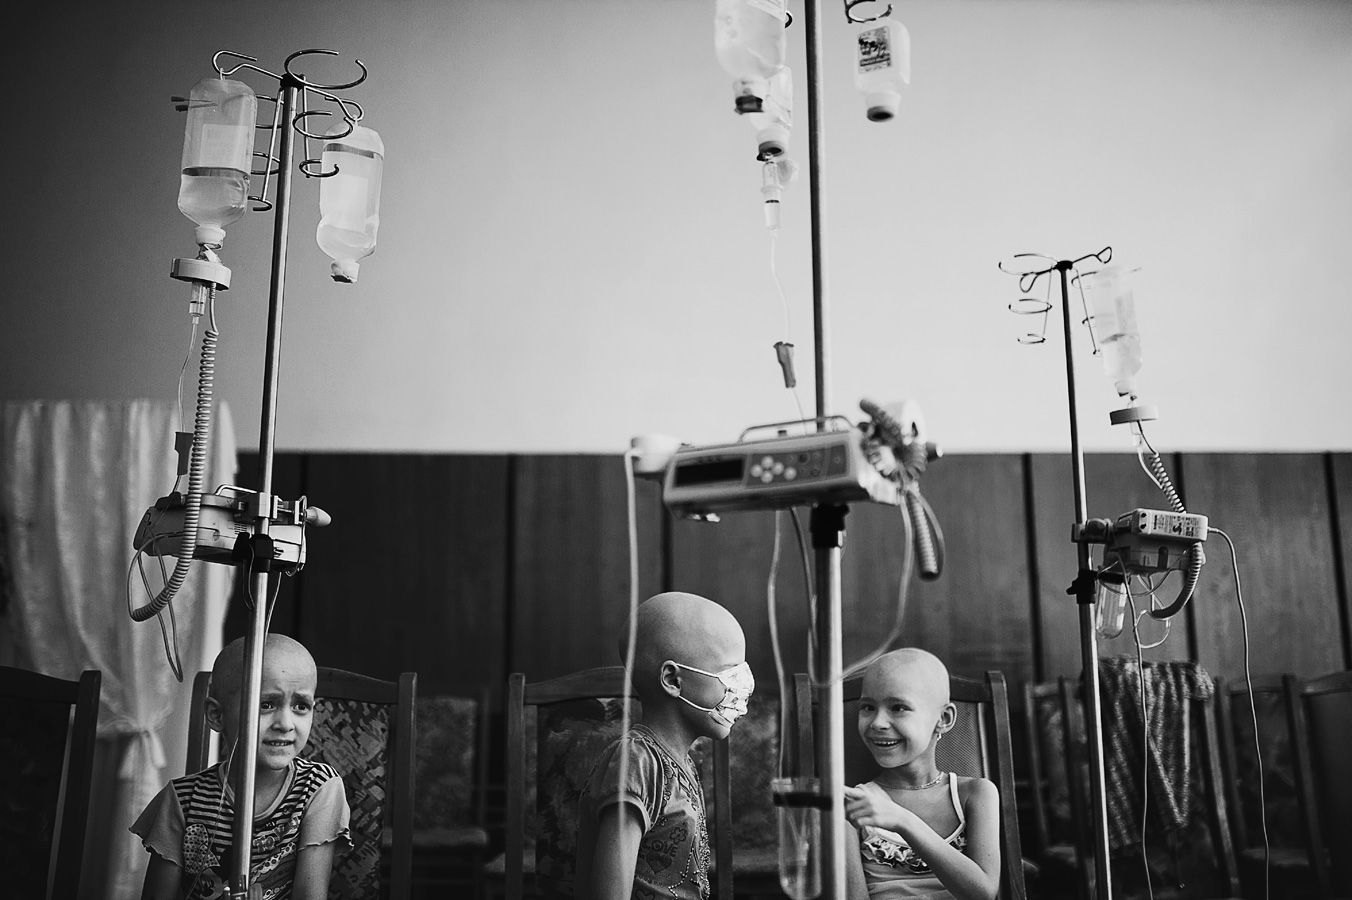 Ангелы клиники, © Антон Юницын / Anton Unitsyn, Россия, 5 место в категории «Вызов», Фотоконкурс HIPA